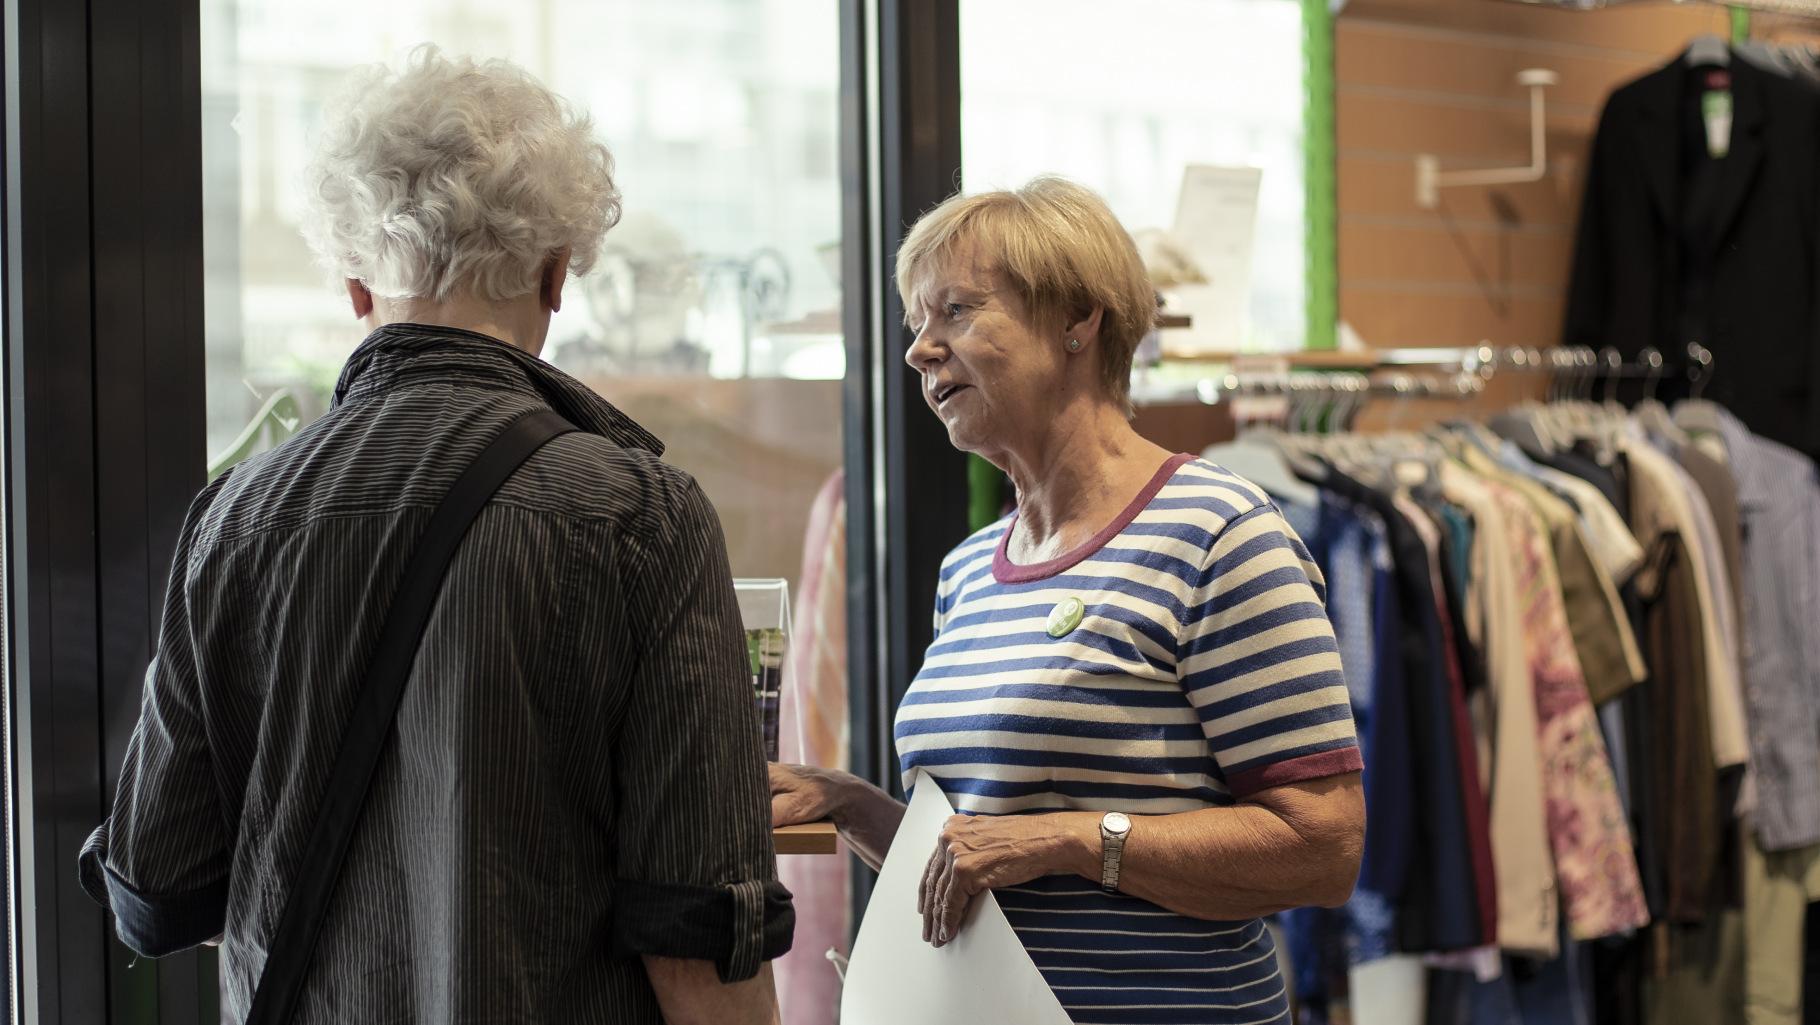 Gabriele Sarteh informiert einen Kunden im Oxfam Shop Bonn über Oxfams Kampagne.